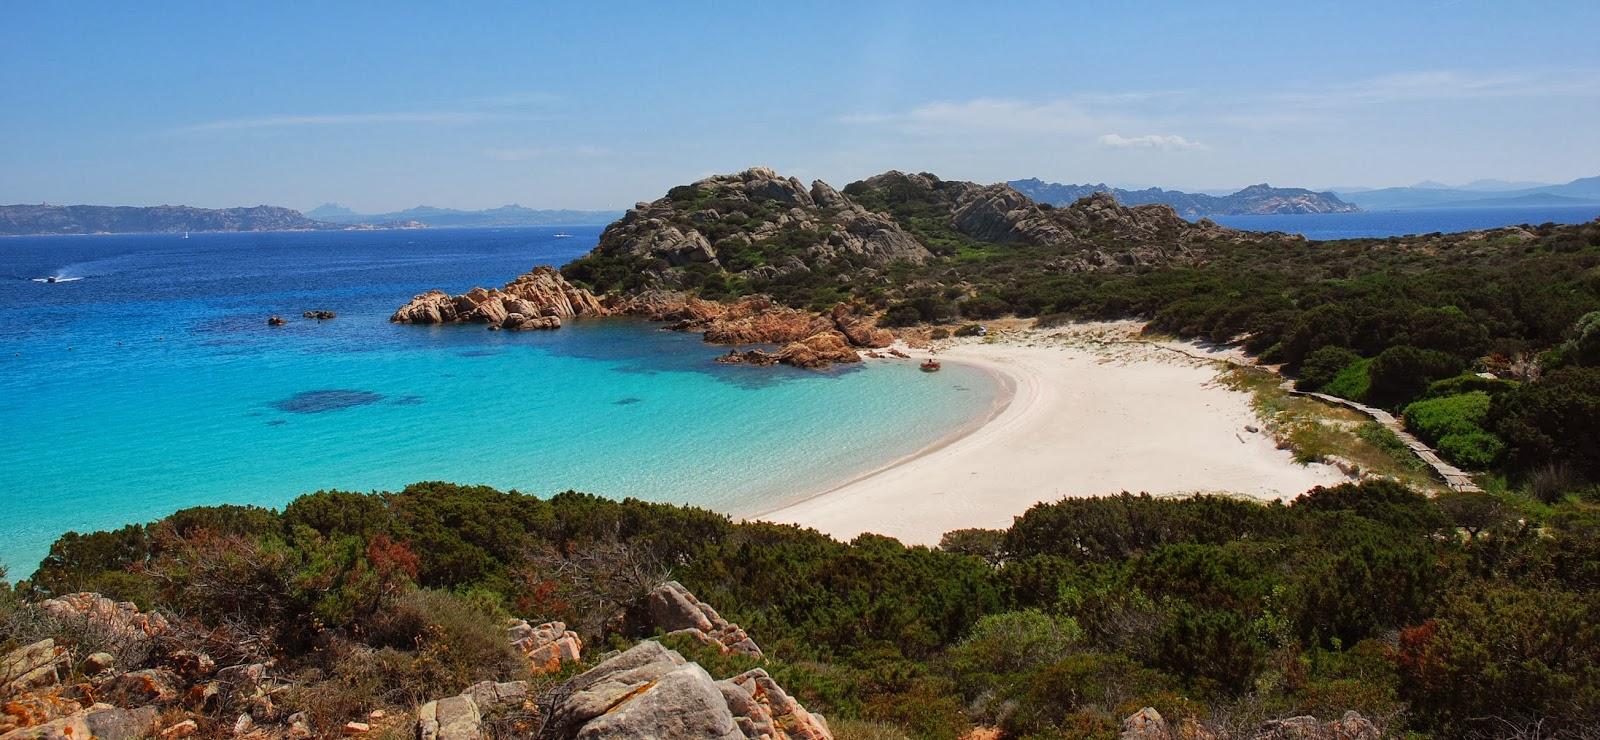 Observemos una de las hermosas playas de Italia.